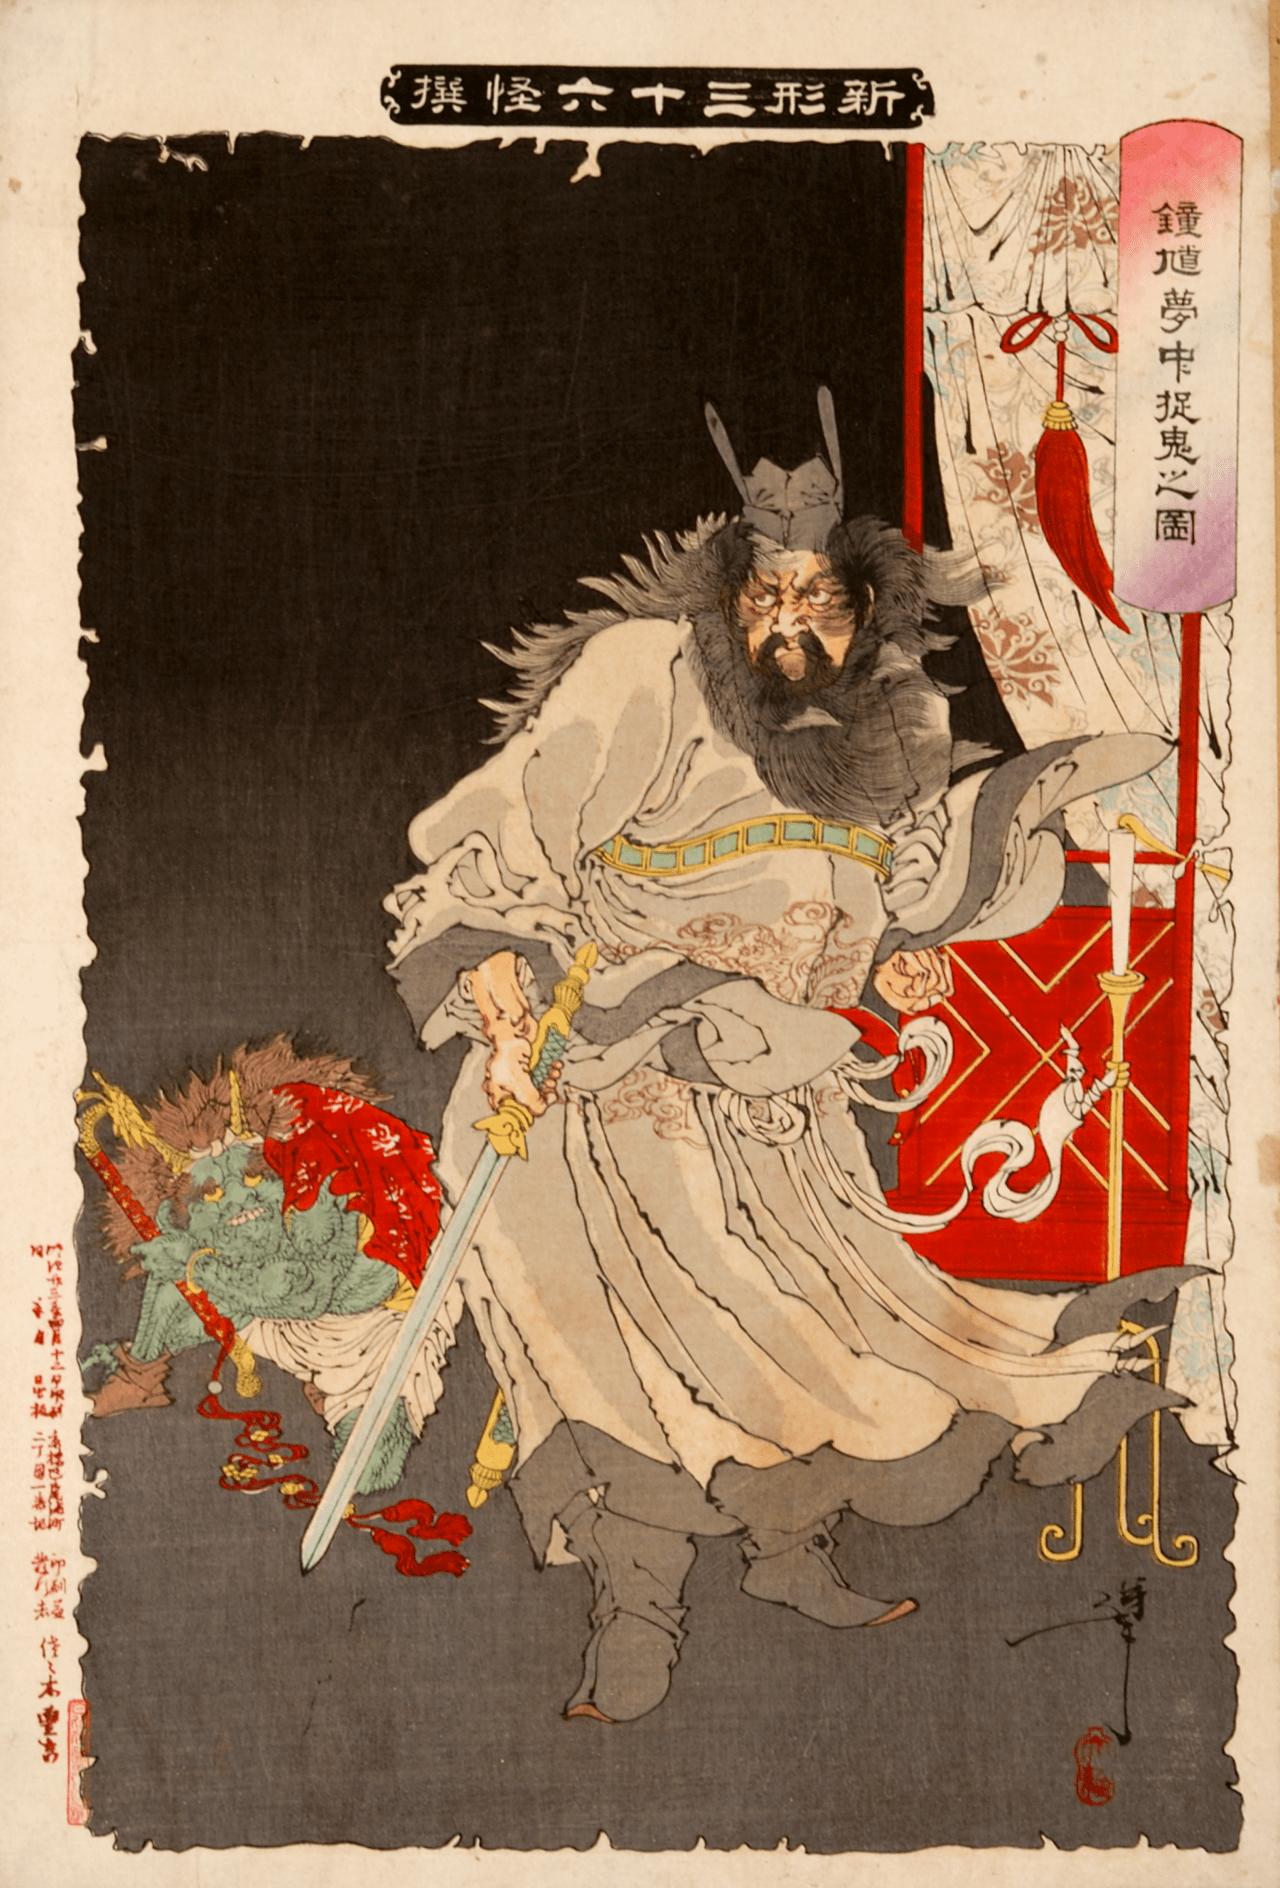 京都市内の町屋に置かれる鍾馗(しょうき)、その鬼封じの個性的な力とは?